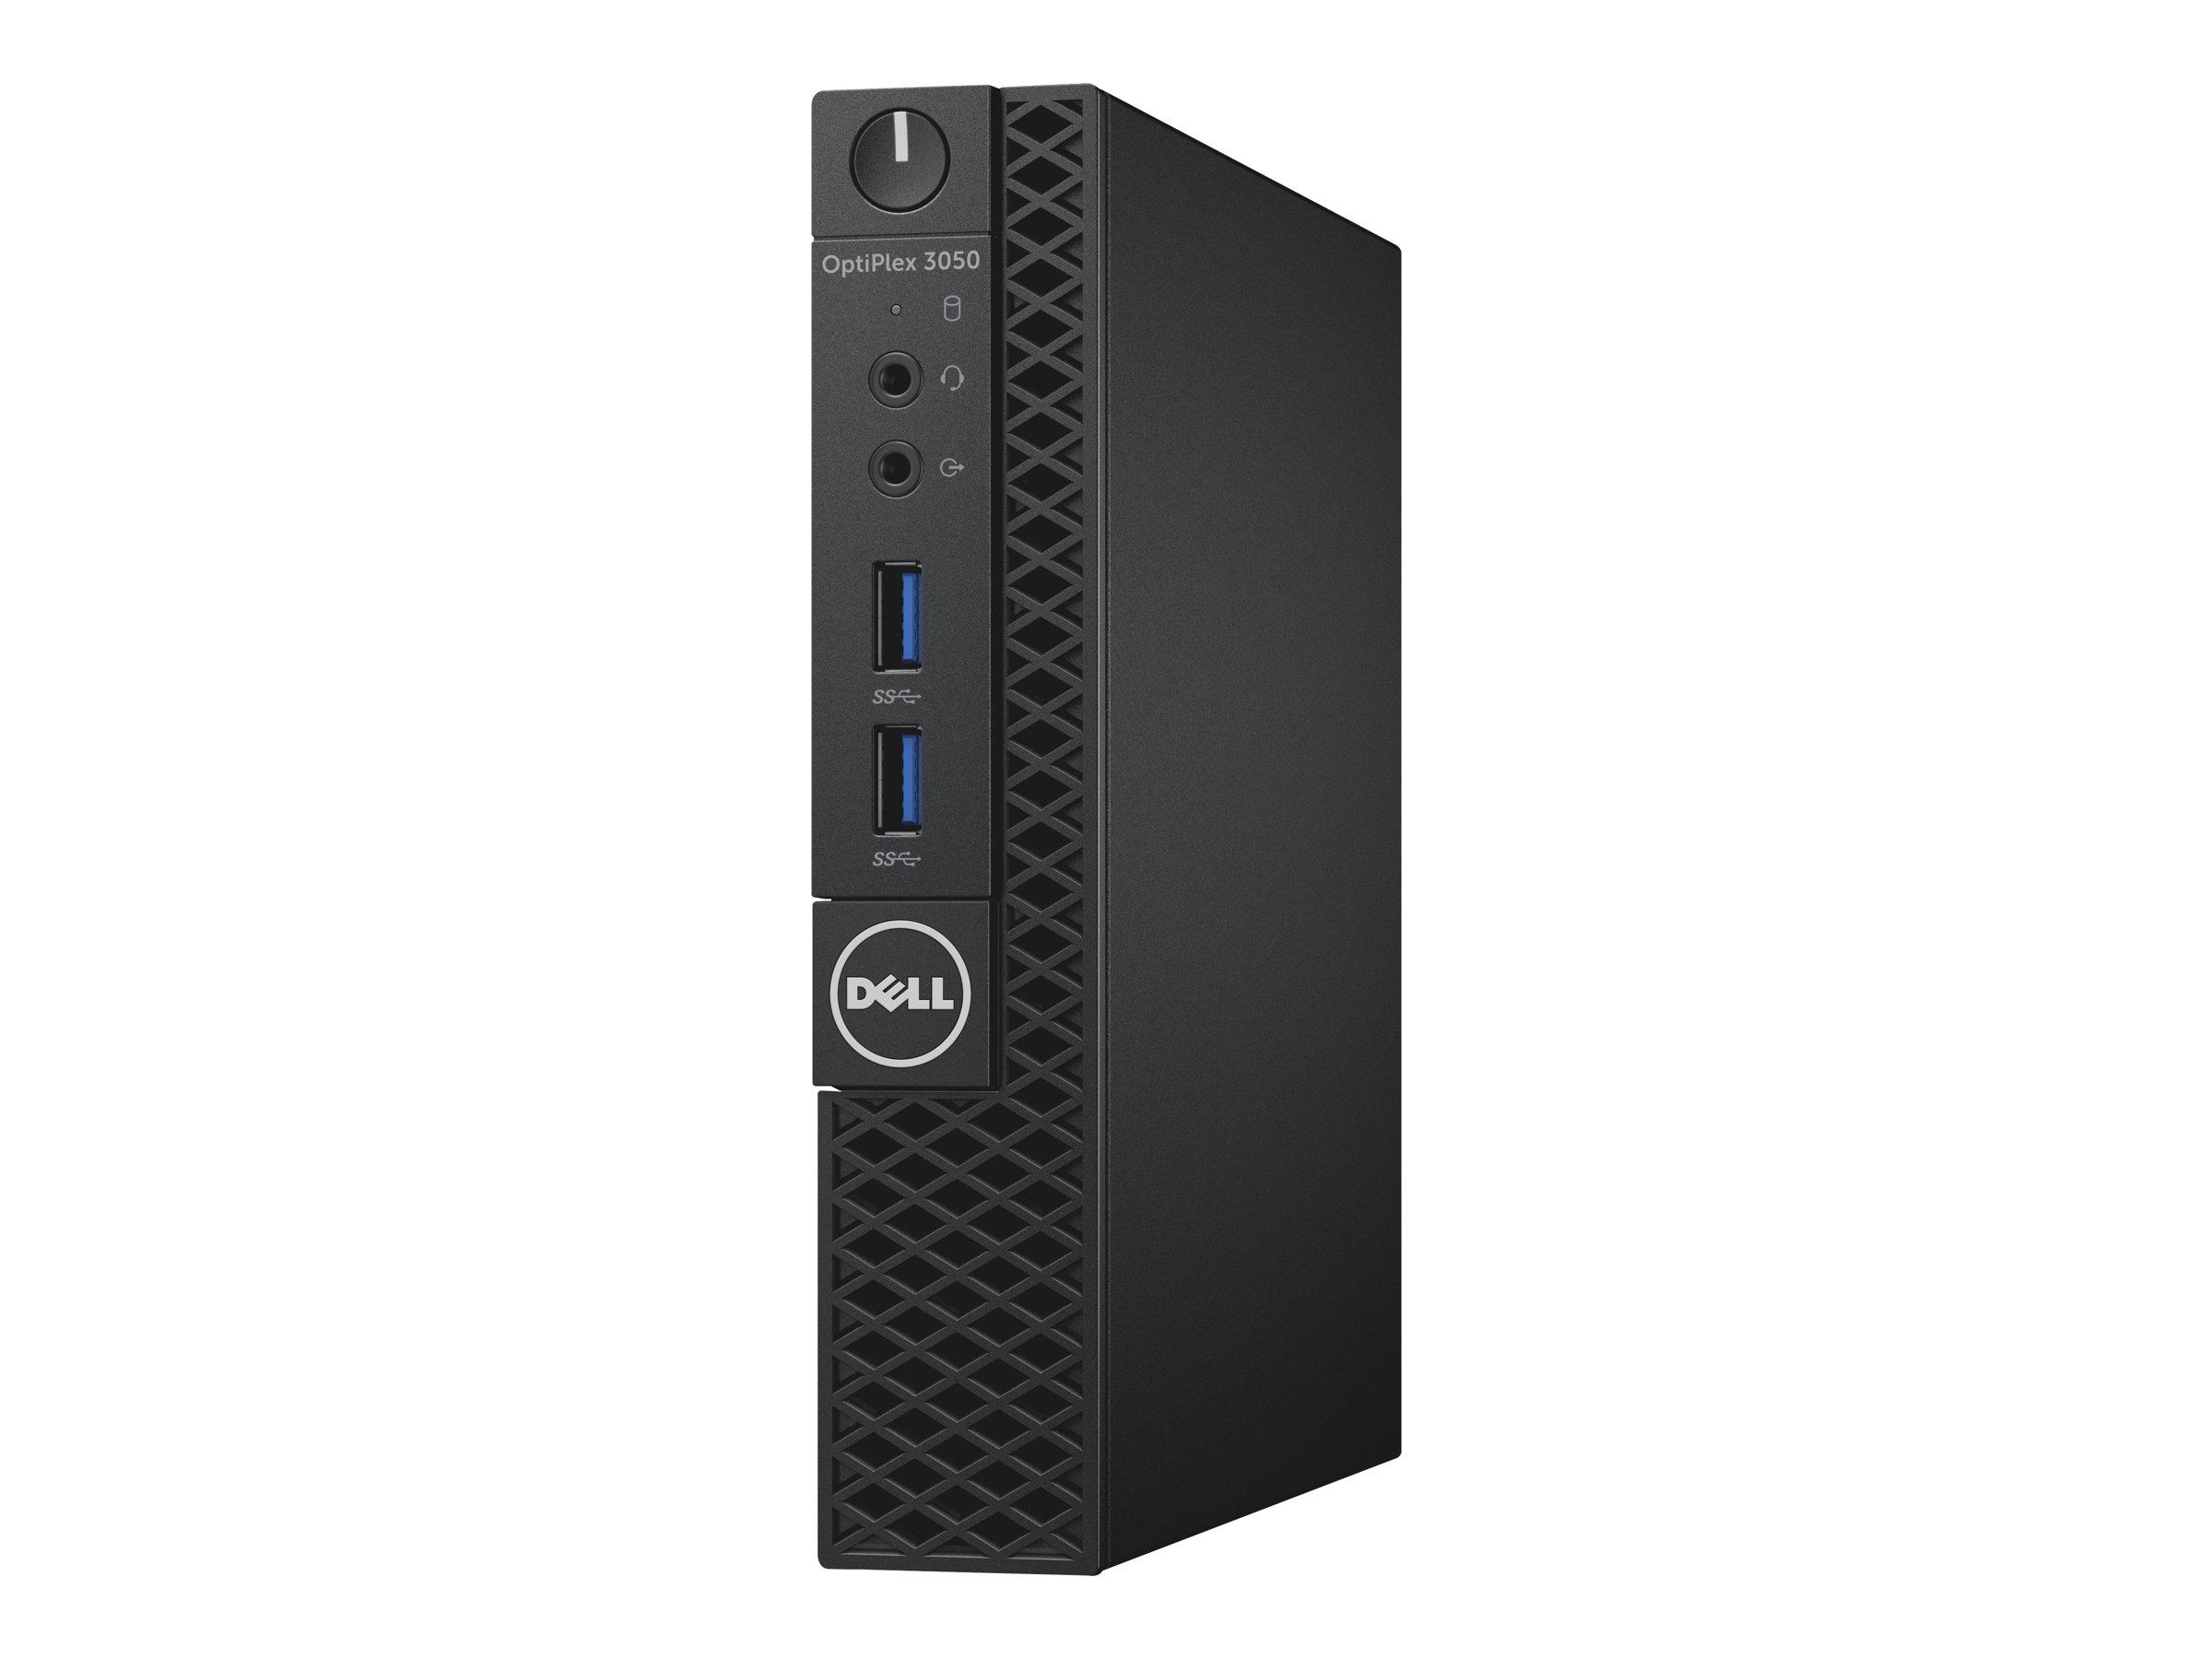 Dell OptiPlex 3050 - Micro - 1 x Core i3 7100T / 3.4 GHz RAM 4 GB - HDD 500 GB - HD Graphics 630 - GigE - Win 10 Pro 64-Bit - Monitor: keiner - BTS